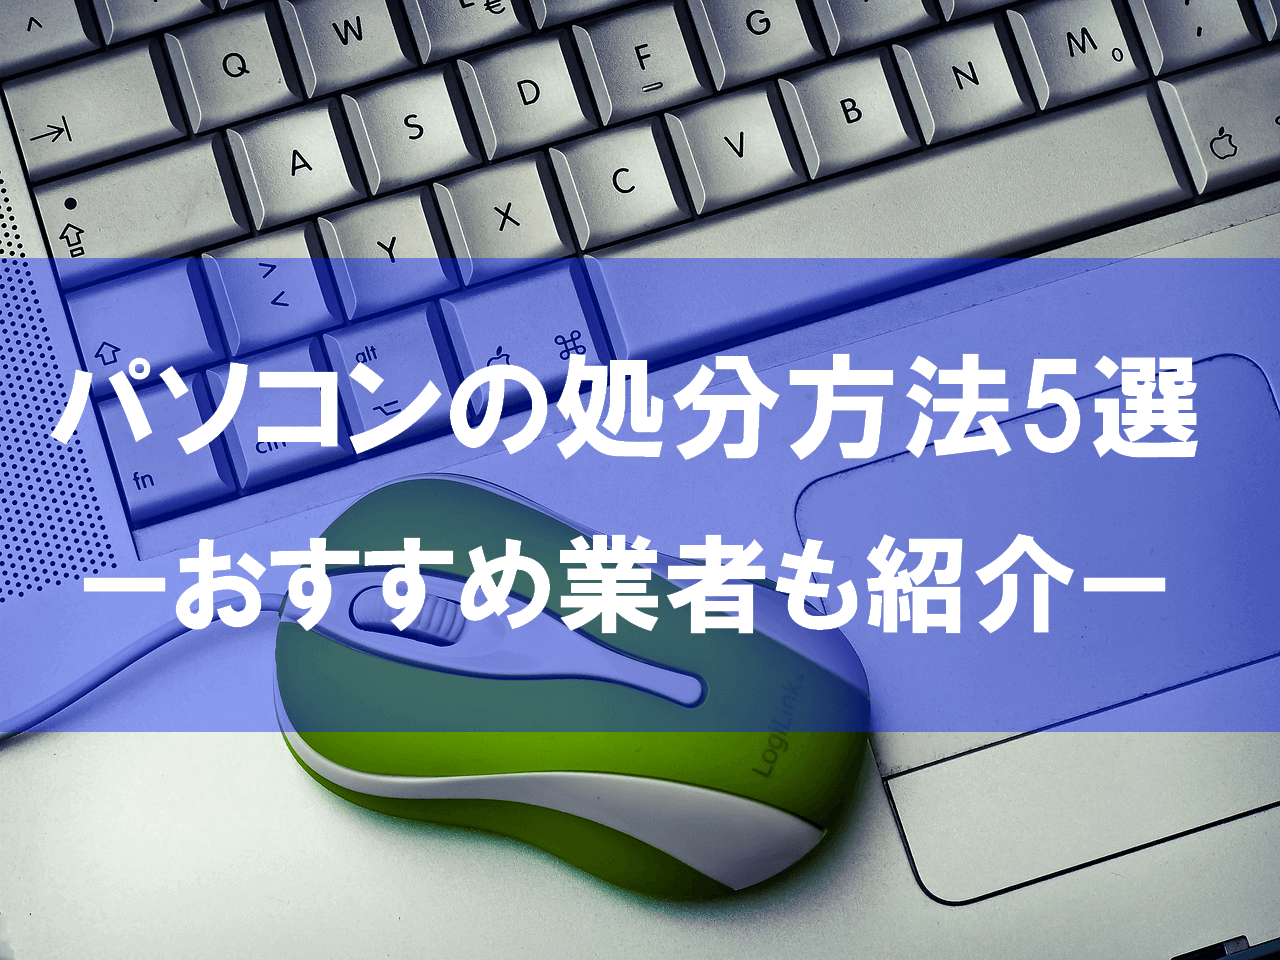 パソコン処分・廃棄方法5選|無料おすすめ業者とデータ消去も